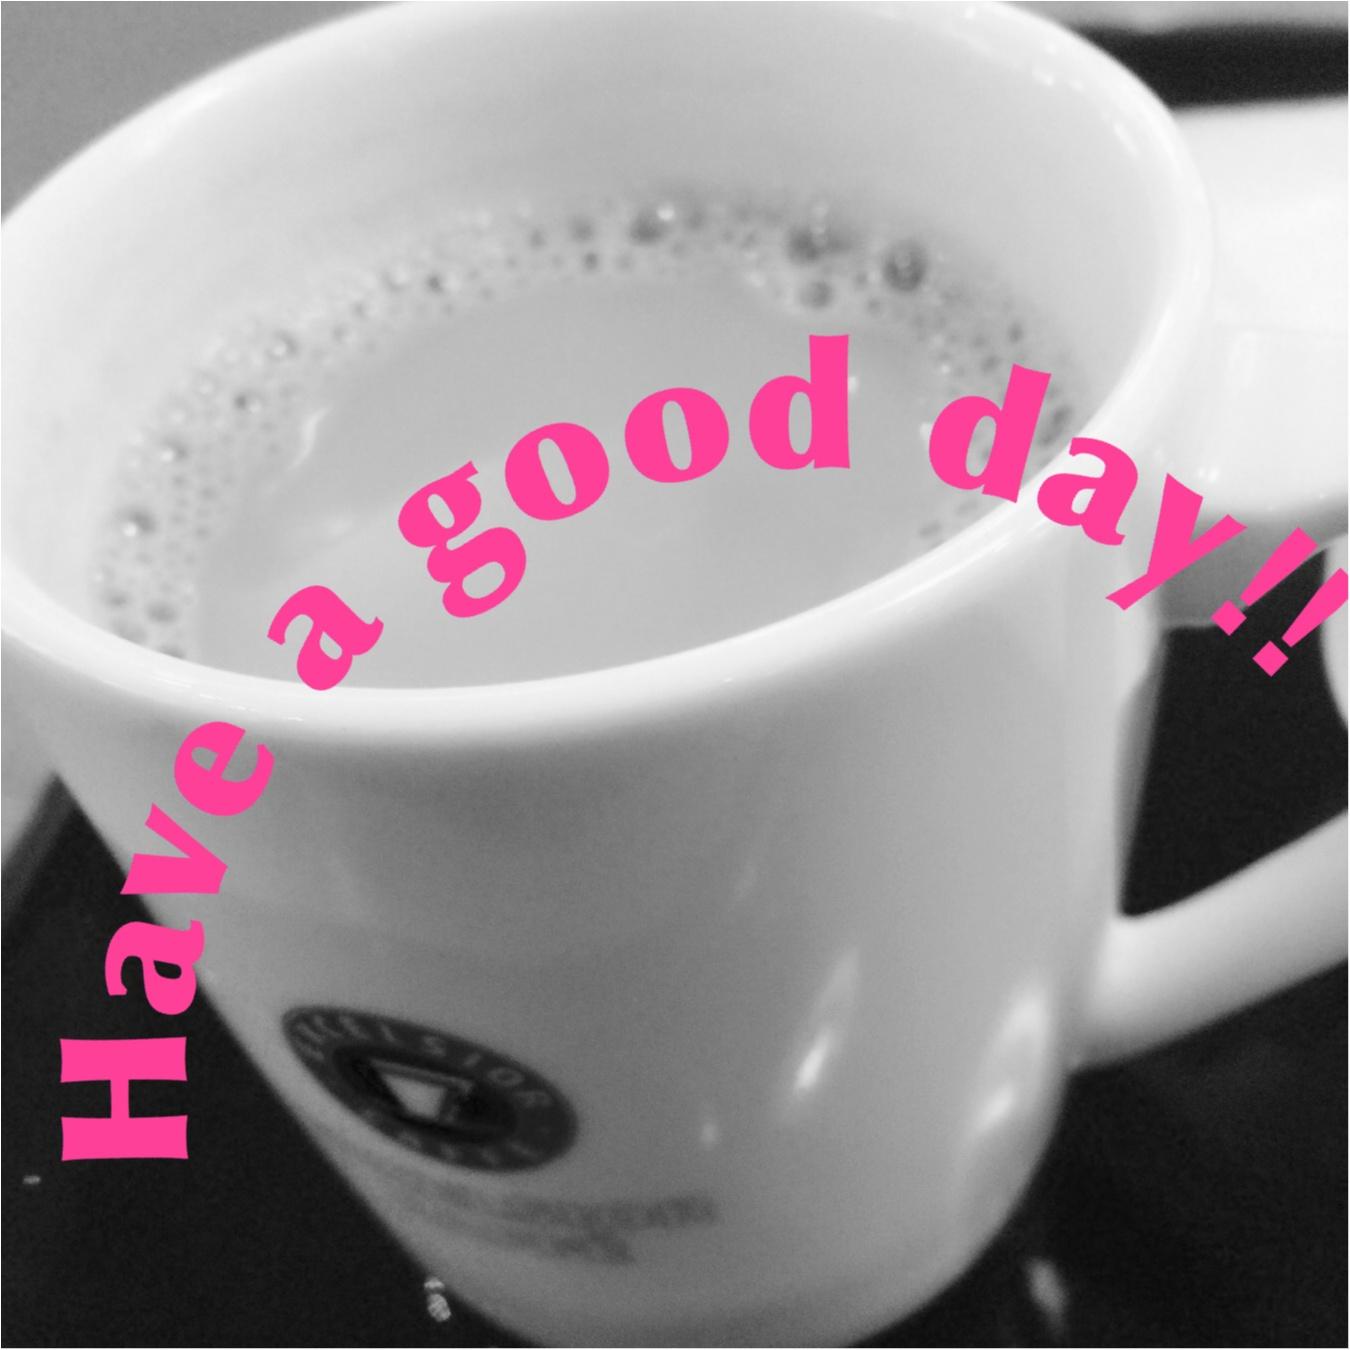 少しの早起きでその日を充実させよう!平日モーニング(*'ω'*)_2